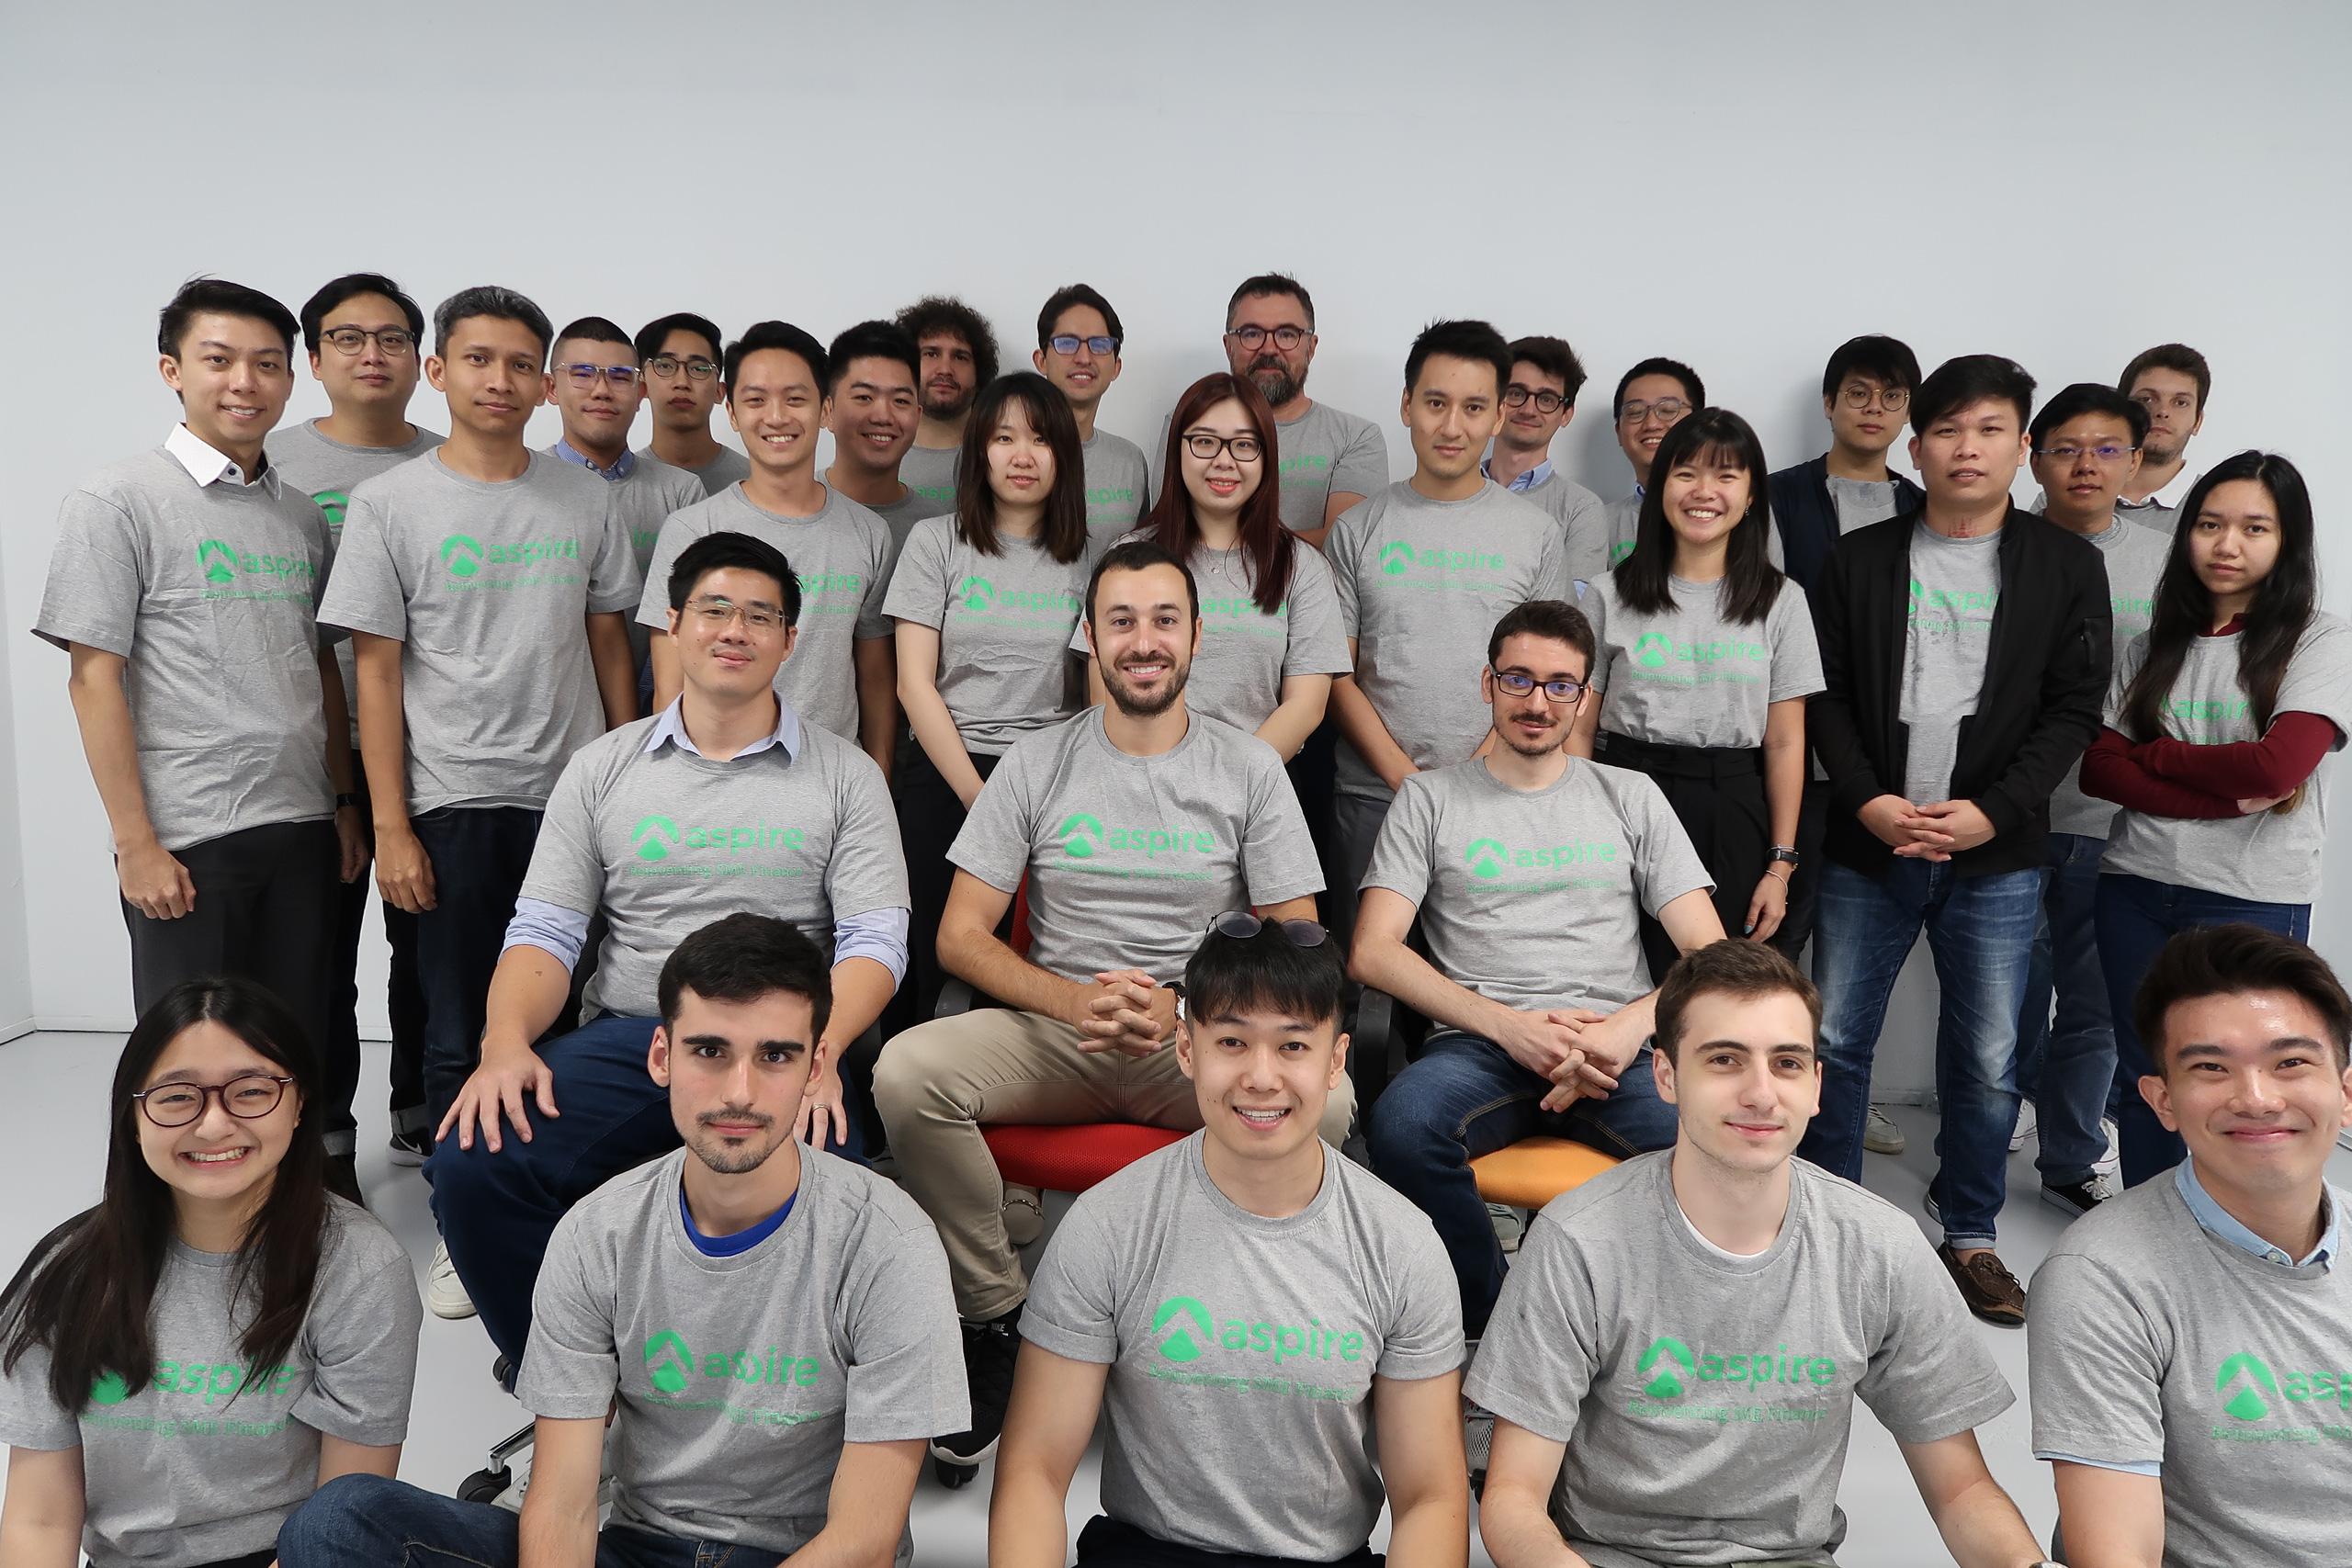 Thế lực 'Lazada Mafia': Cựu nhân sự Lazada thành lập hàng chục startup đình đám Châu Á - Ảnh 2.